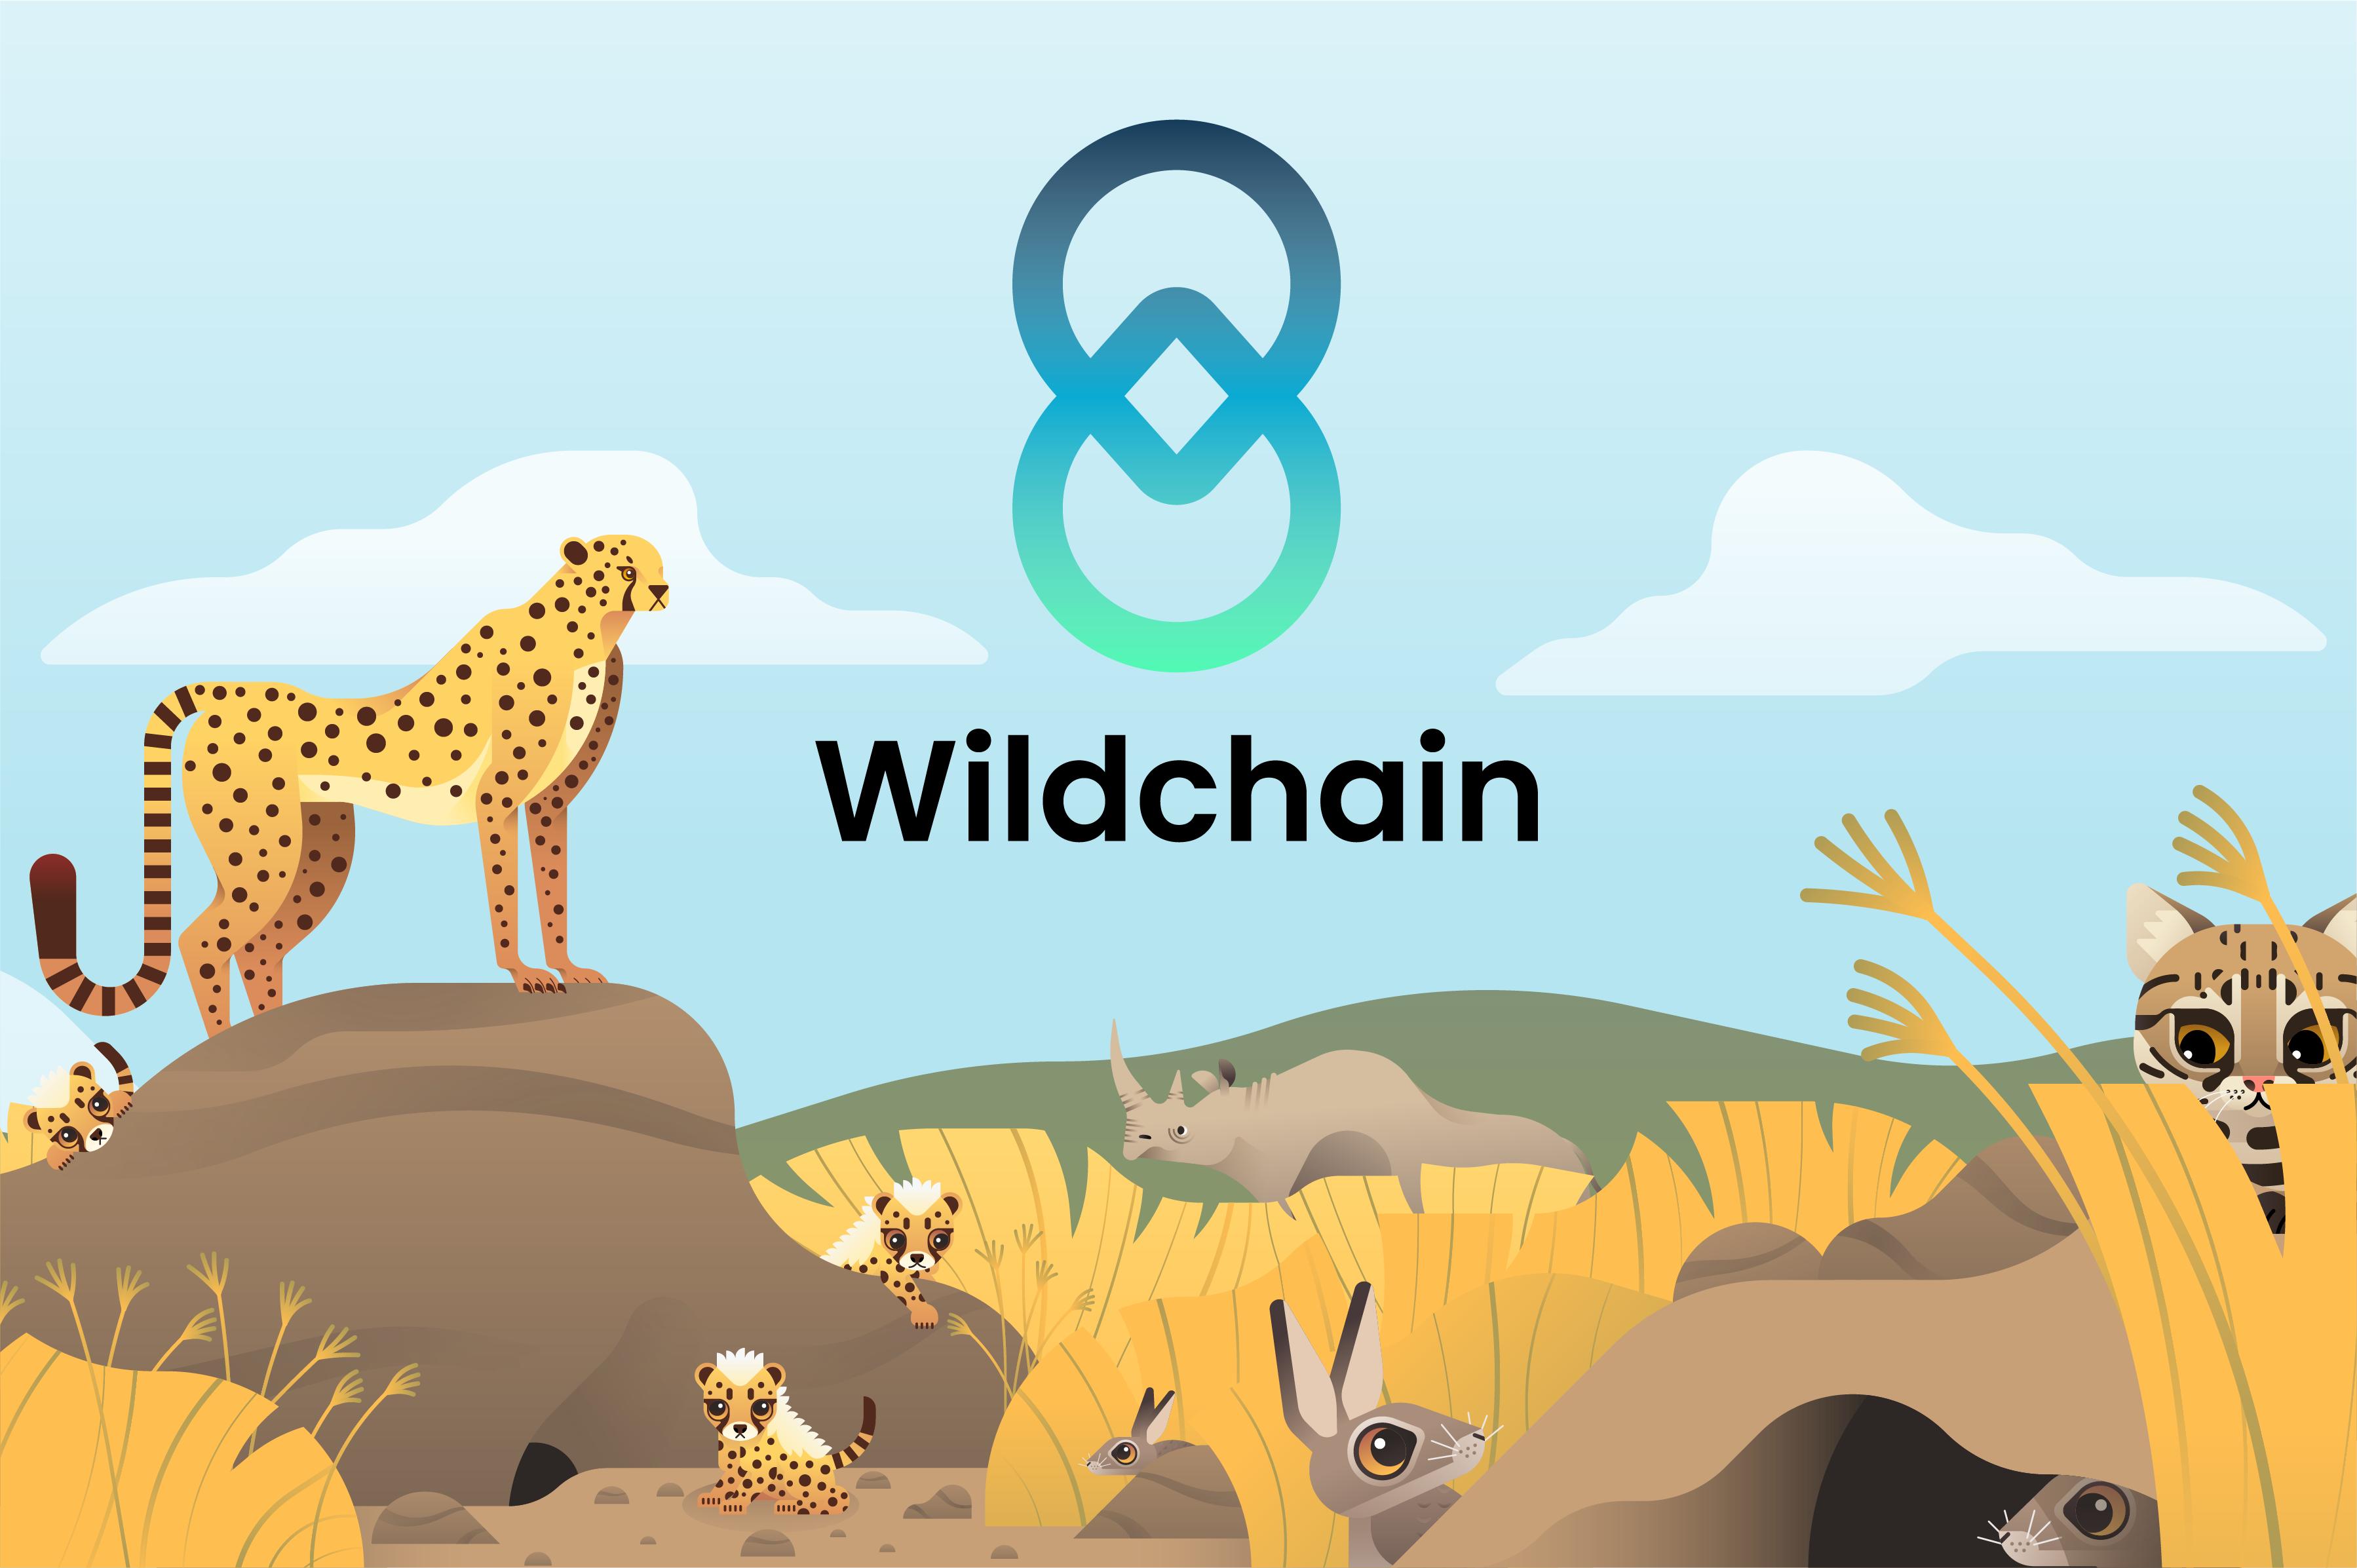 Wildchain แพลตฟอร์มดิจิตอลเพื่อการอนุรักษ์และเลี้ยงดูสัตว์ป่า